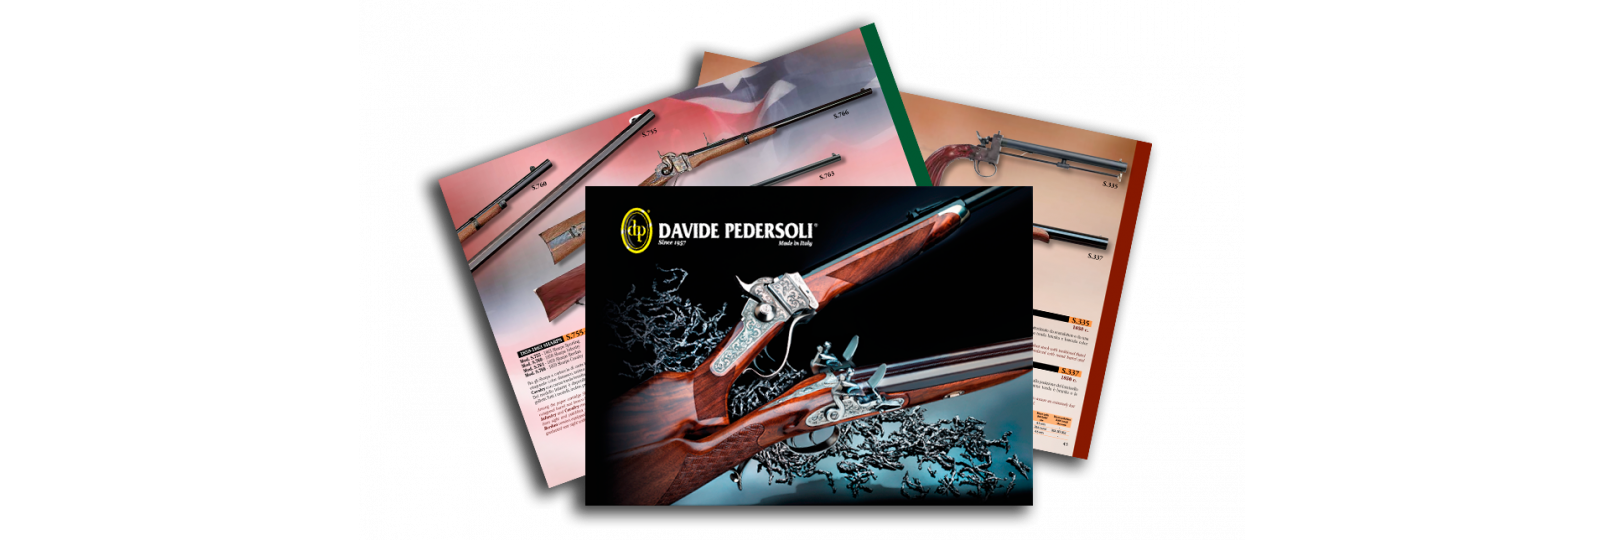 2013 catalogue (fra/germ)